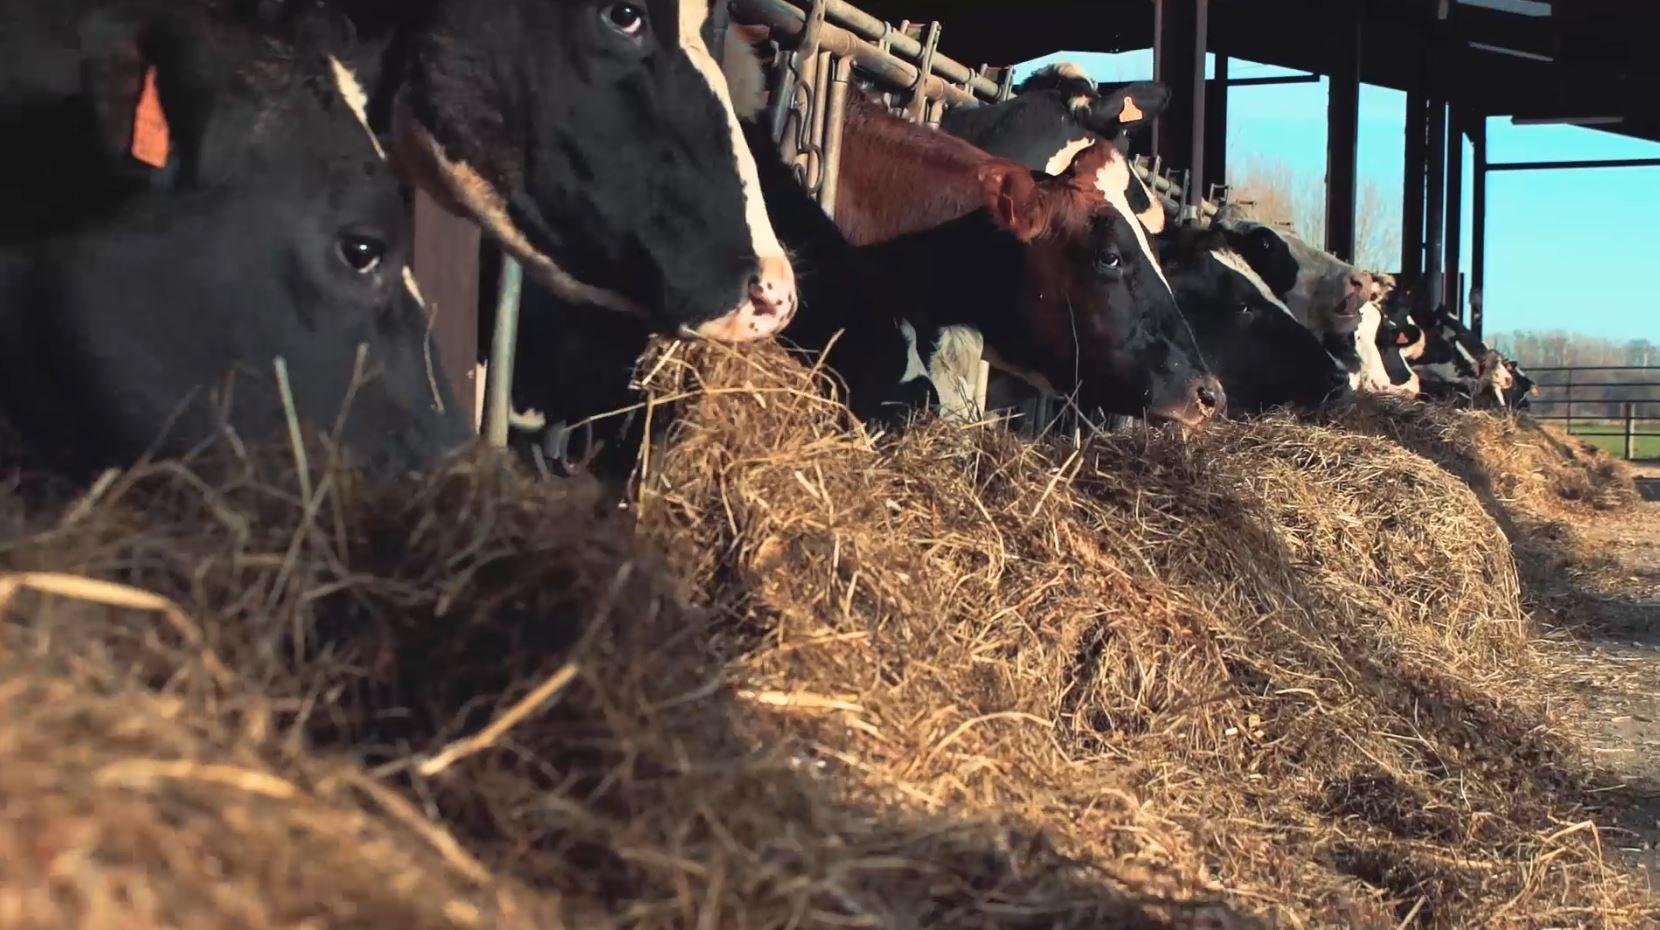 happy-cows-hustler